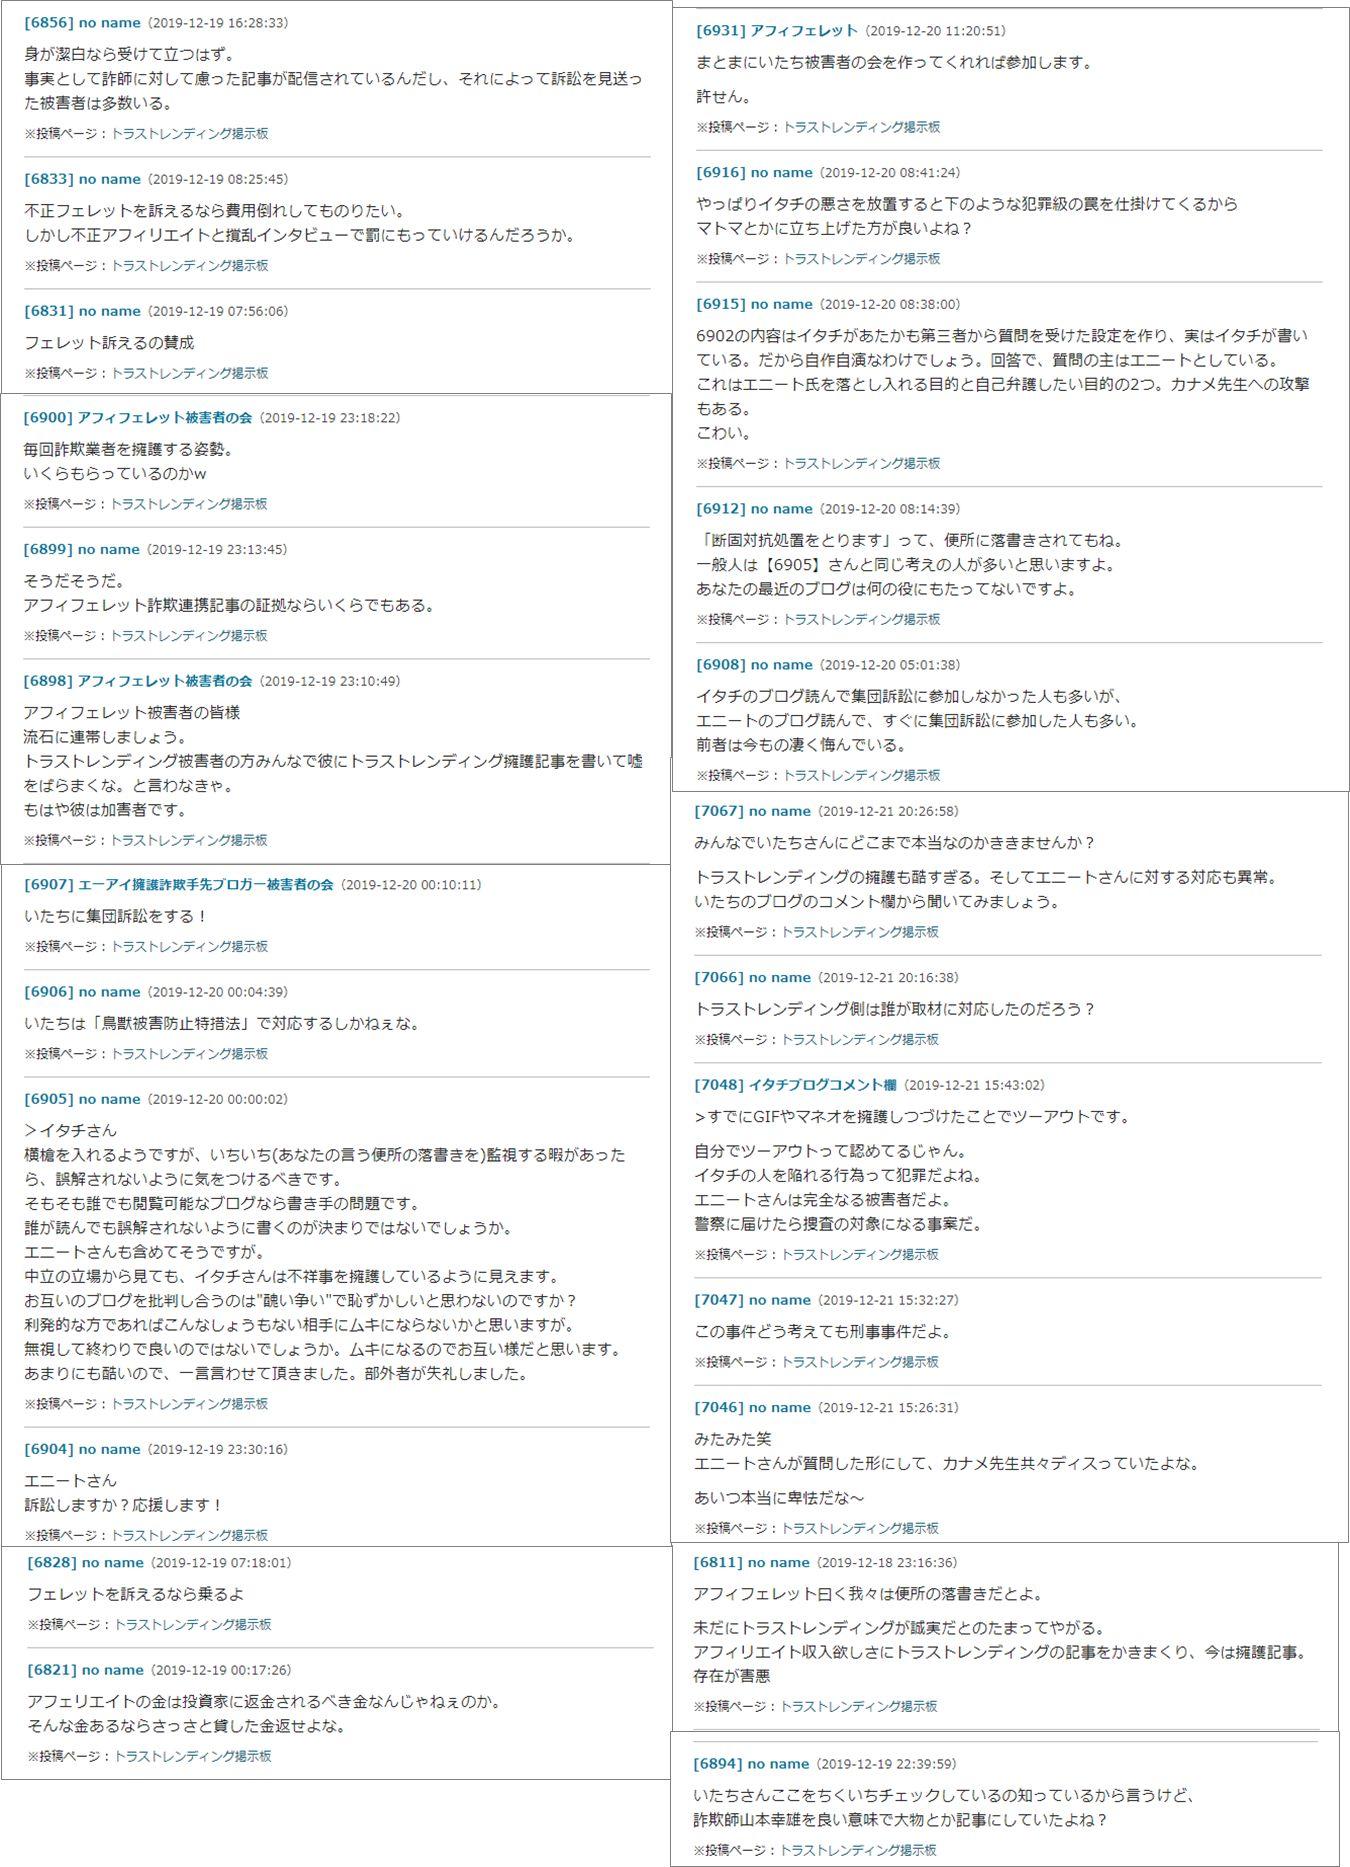 カナメ先生への抗議03